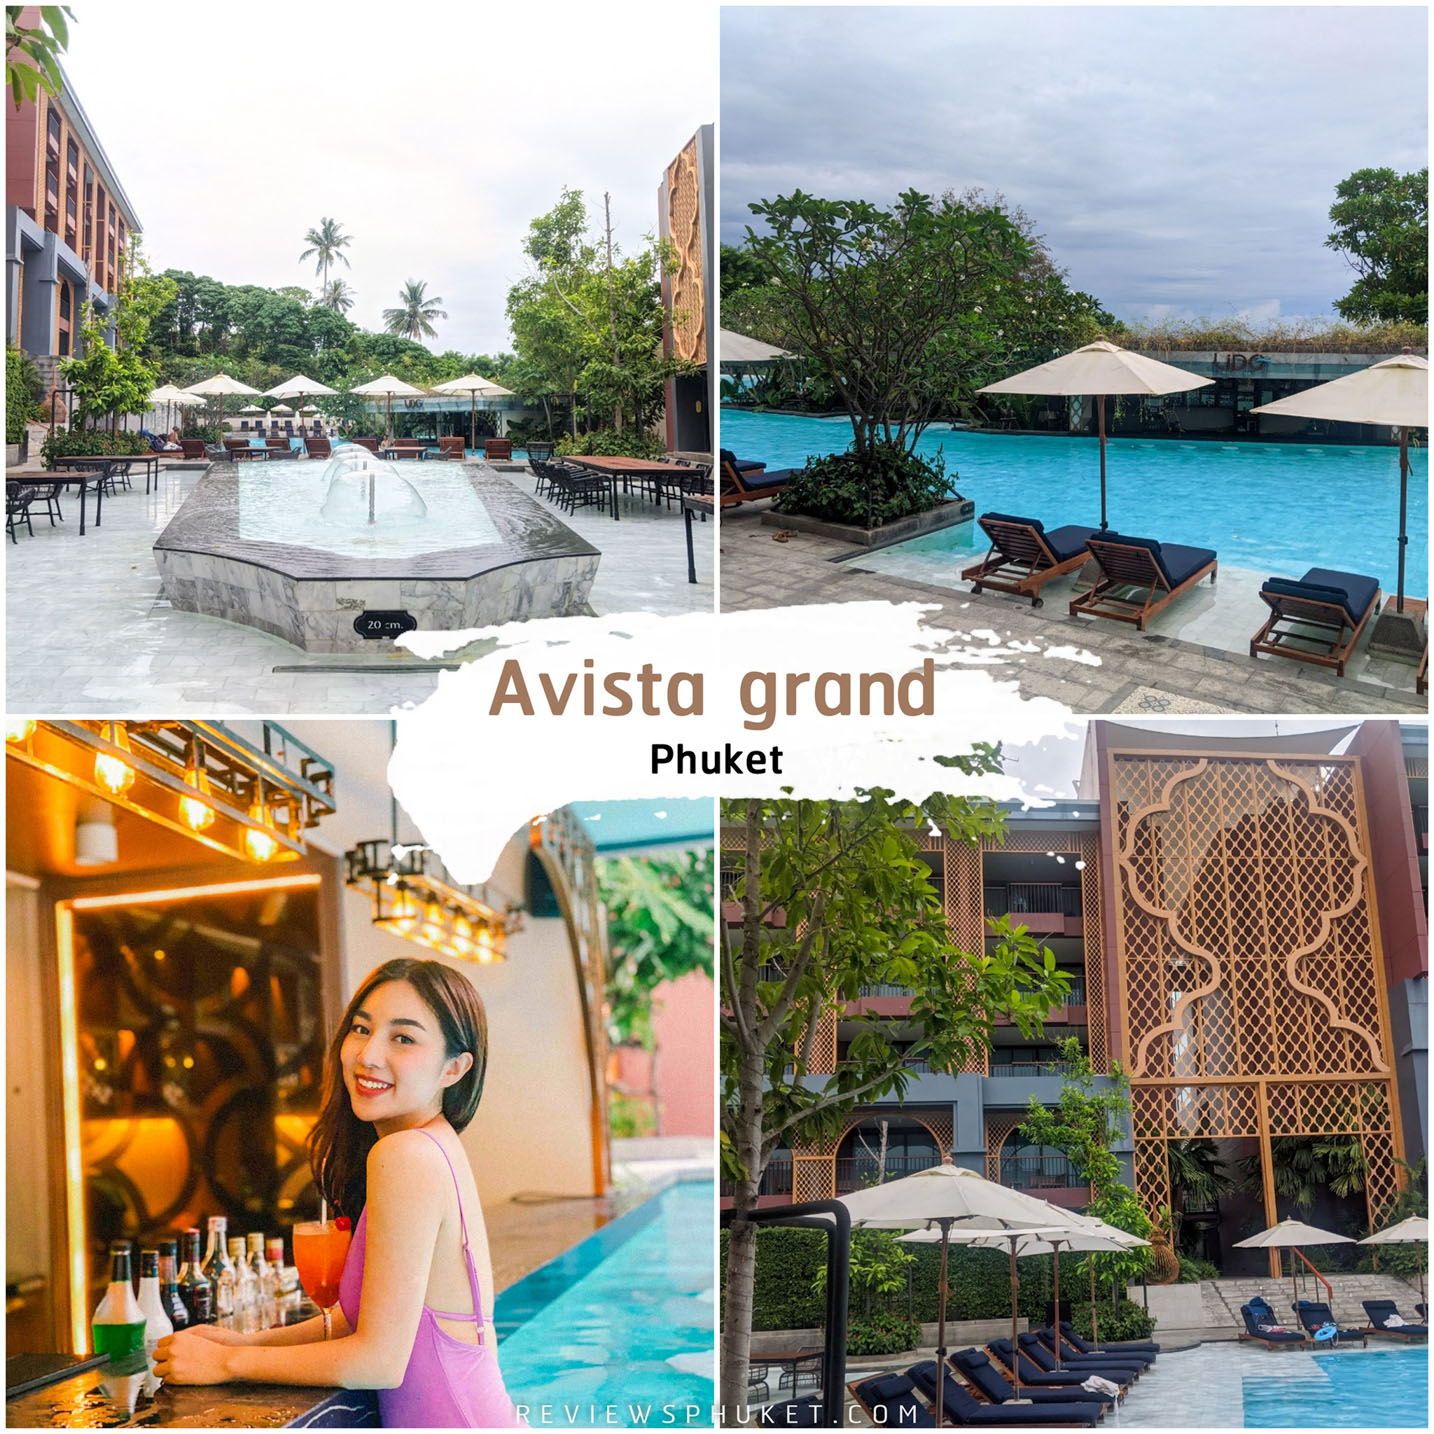 เอวิสตา-กรันเด-ภูเก็ต-กะรน-เอ็มแกลเลอรี --Avista-Grande-Phuket-Karon-Mgallery--ที่พักบริการยอดเยี่ยมระดับ-5-ดาวพื้นที่กว้างมวากกก-ตกแต่งสวยเวอร์ห้องใหม่สะอาด-สระว่ายน้ำใหญ่สายเล่นน้ำต้องชอบ-อยู่ใกล้ทะเลเดินทางสะดวกสบายพลาดไม่ได้แล้วว  ที่พักภูเก็ต,ที่พักหรู,วิวหลักล้าน,ริมทะเล,โรงแรม,รีสอร์ท,Phuket,หาดสวย,น้ำใส